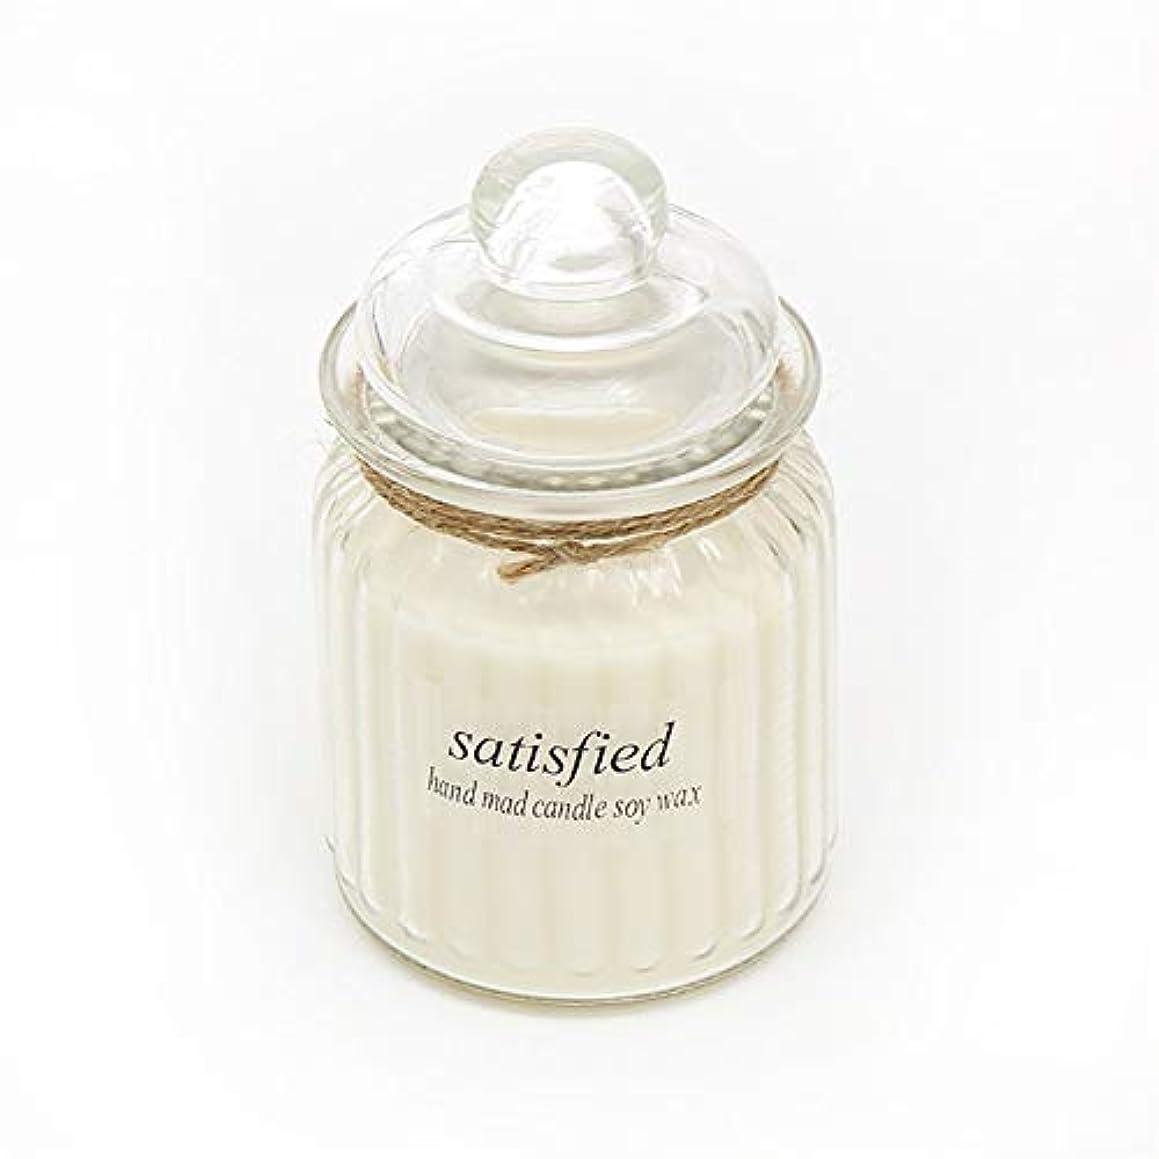 動かす神経障害意味のあるZtian ガラスアロマセラピーガラス無毒環境にやさしい用品キャンドル長持ちする香り (色 : Mint)